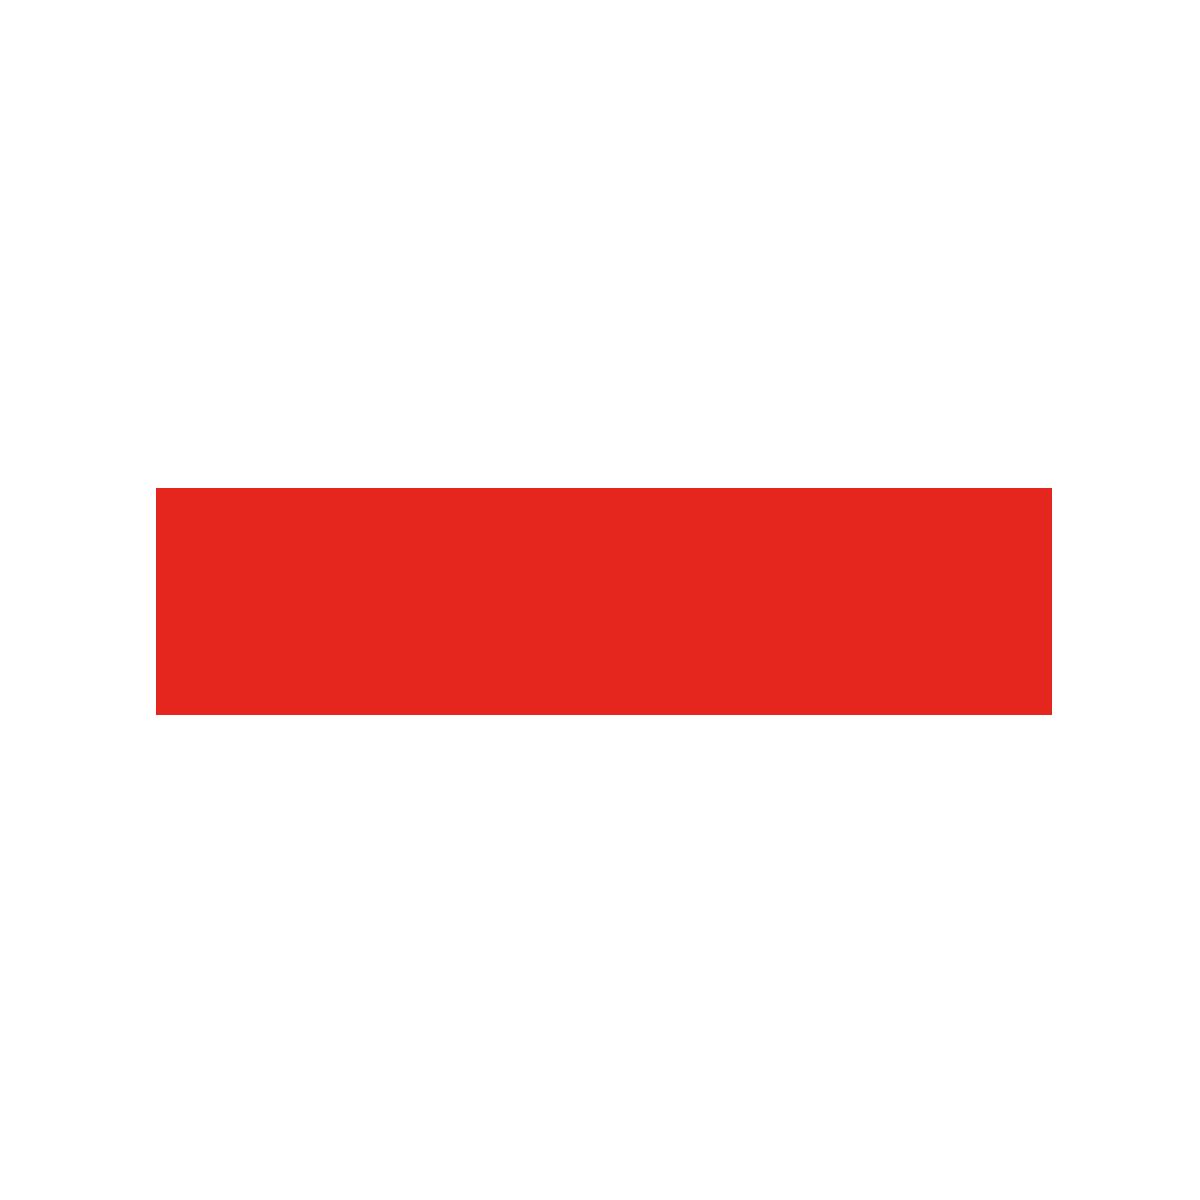 OKI Systems (Deutschland) GmbH